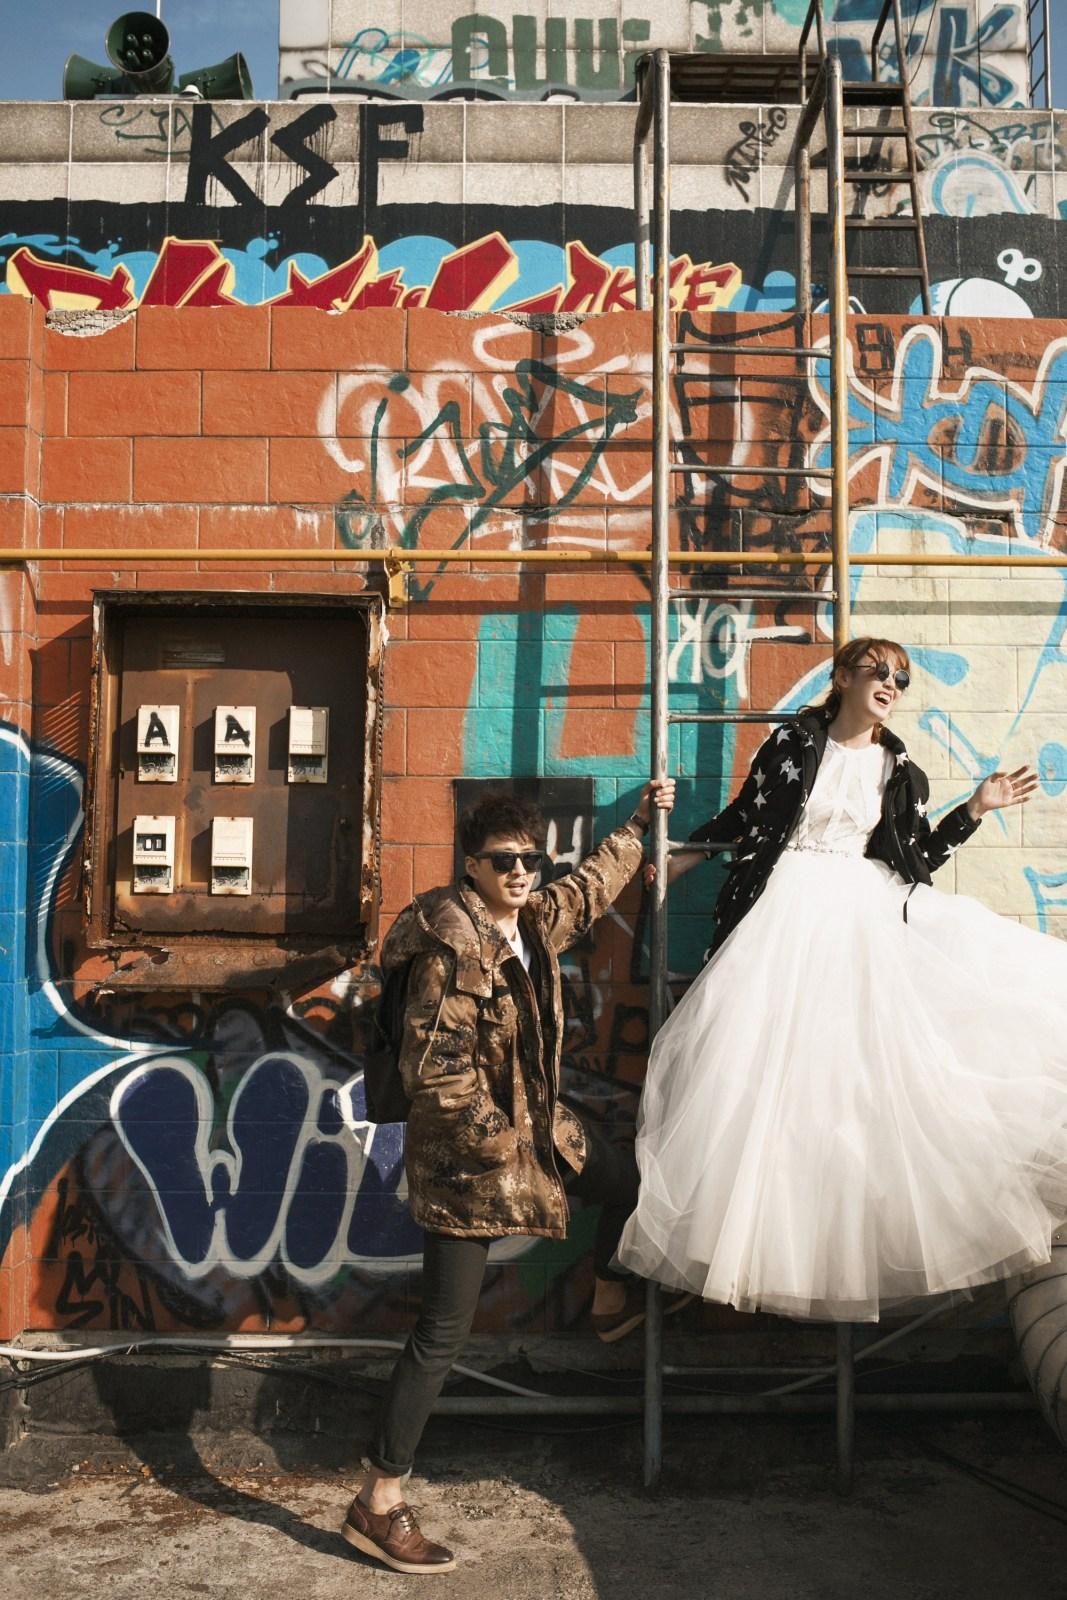 海外婚紗,海外婚紗ptt,海外婚紗攝影,海外婚紗 ptt,海外婚紗 費用,海外婚紗 價格,海外婚紗攝影價格,2021海外婚紗,旅拍婚紗,婚紗旅拍,旅拍推薦,國外婚紗,國外拍婚紗,出國拍婚紗